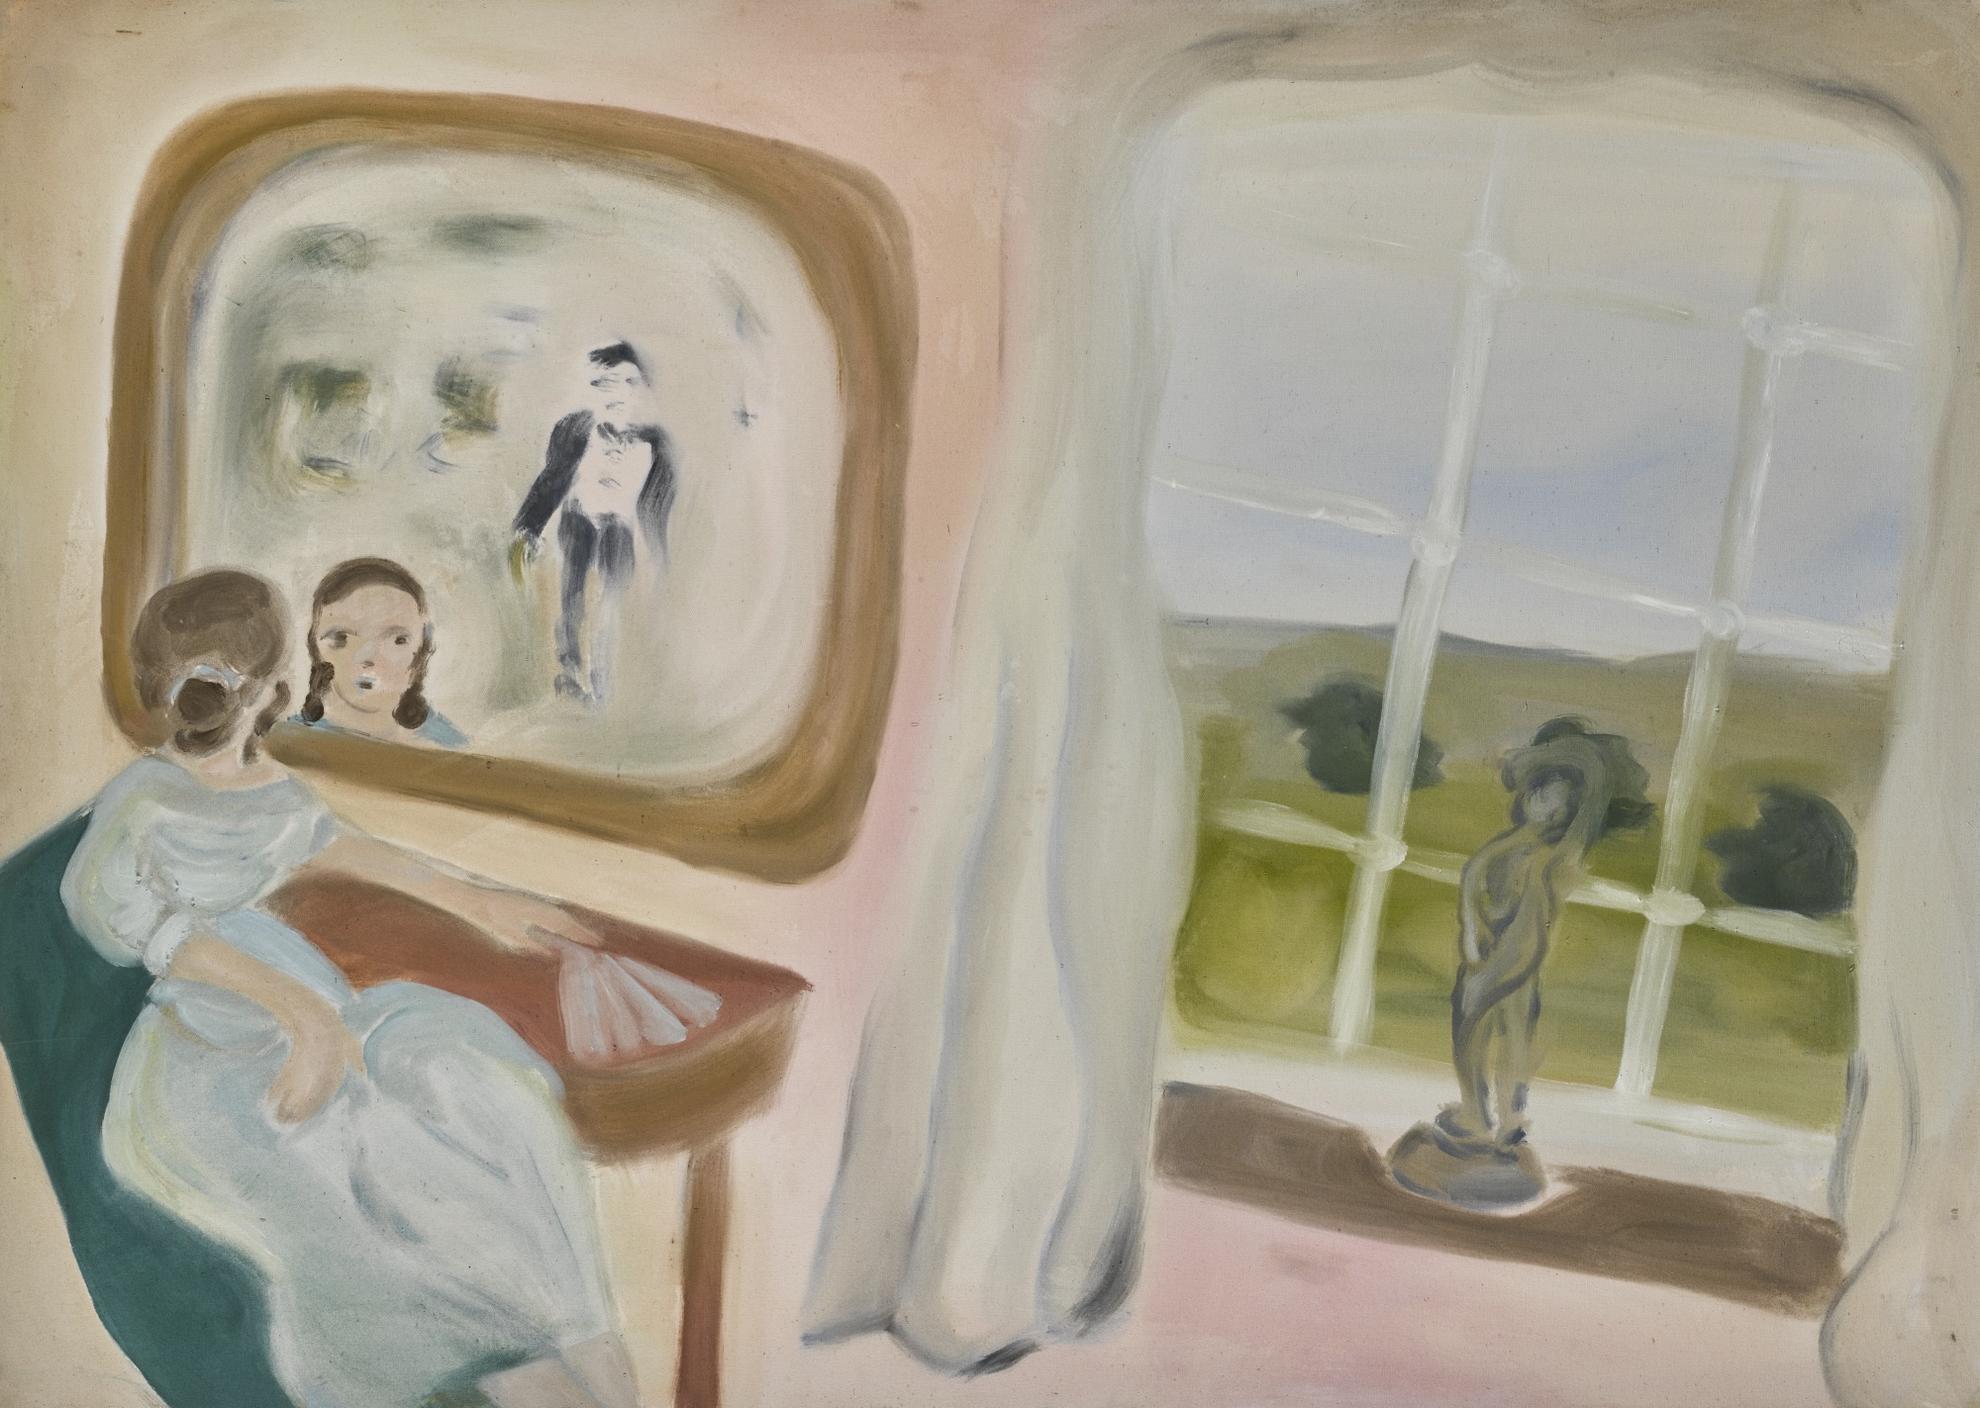 Sophie von Hellermann-Thou Art The Man-2001